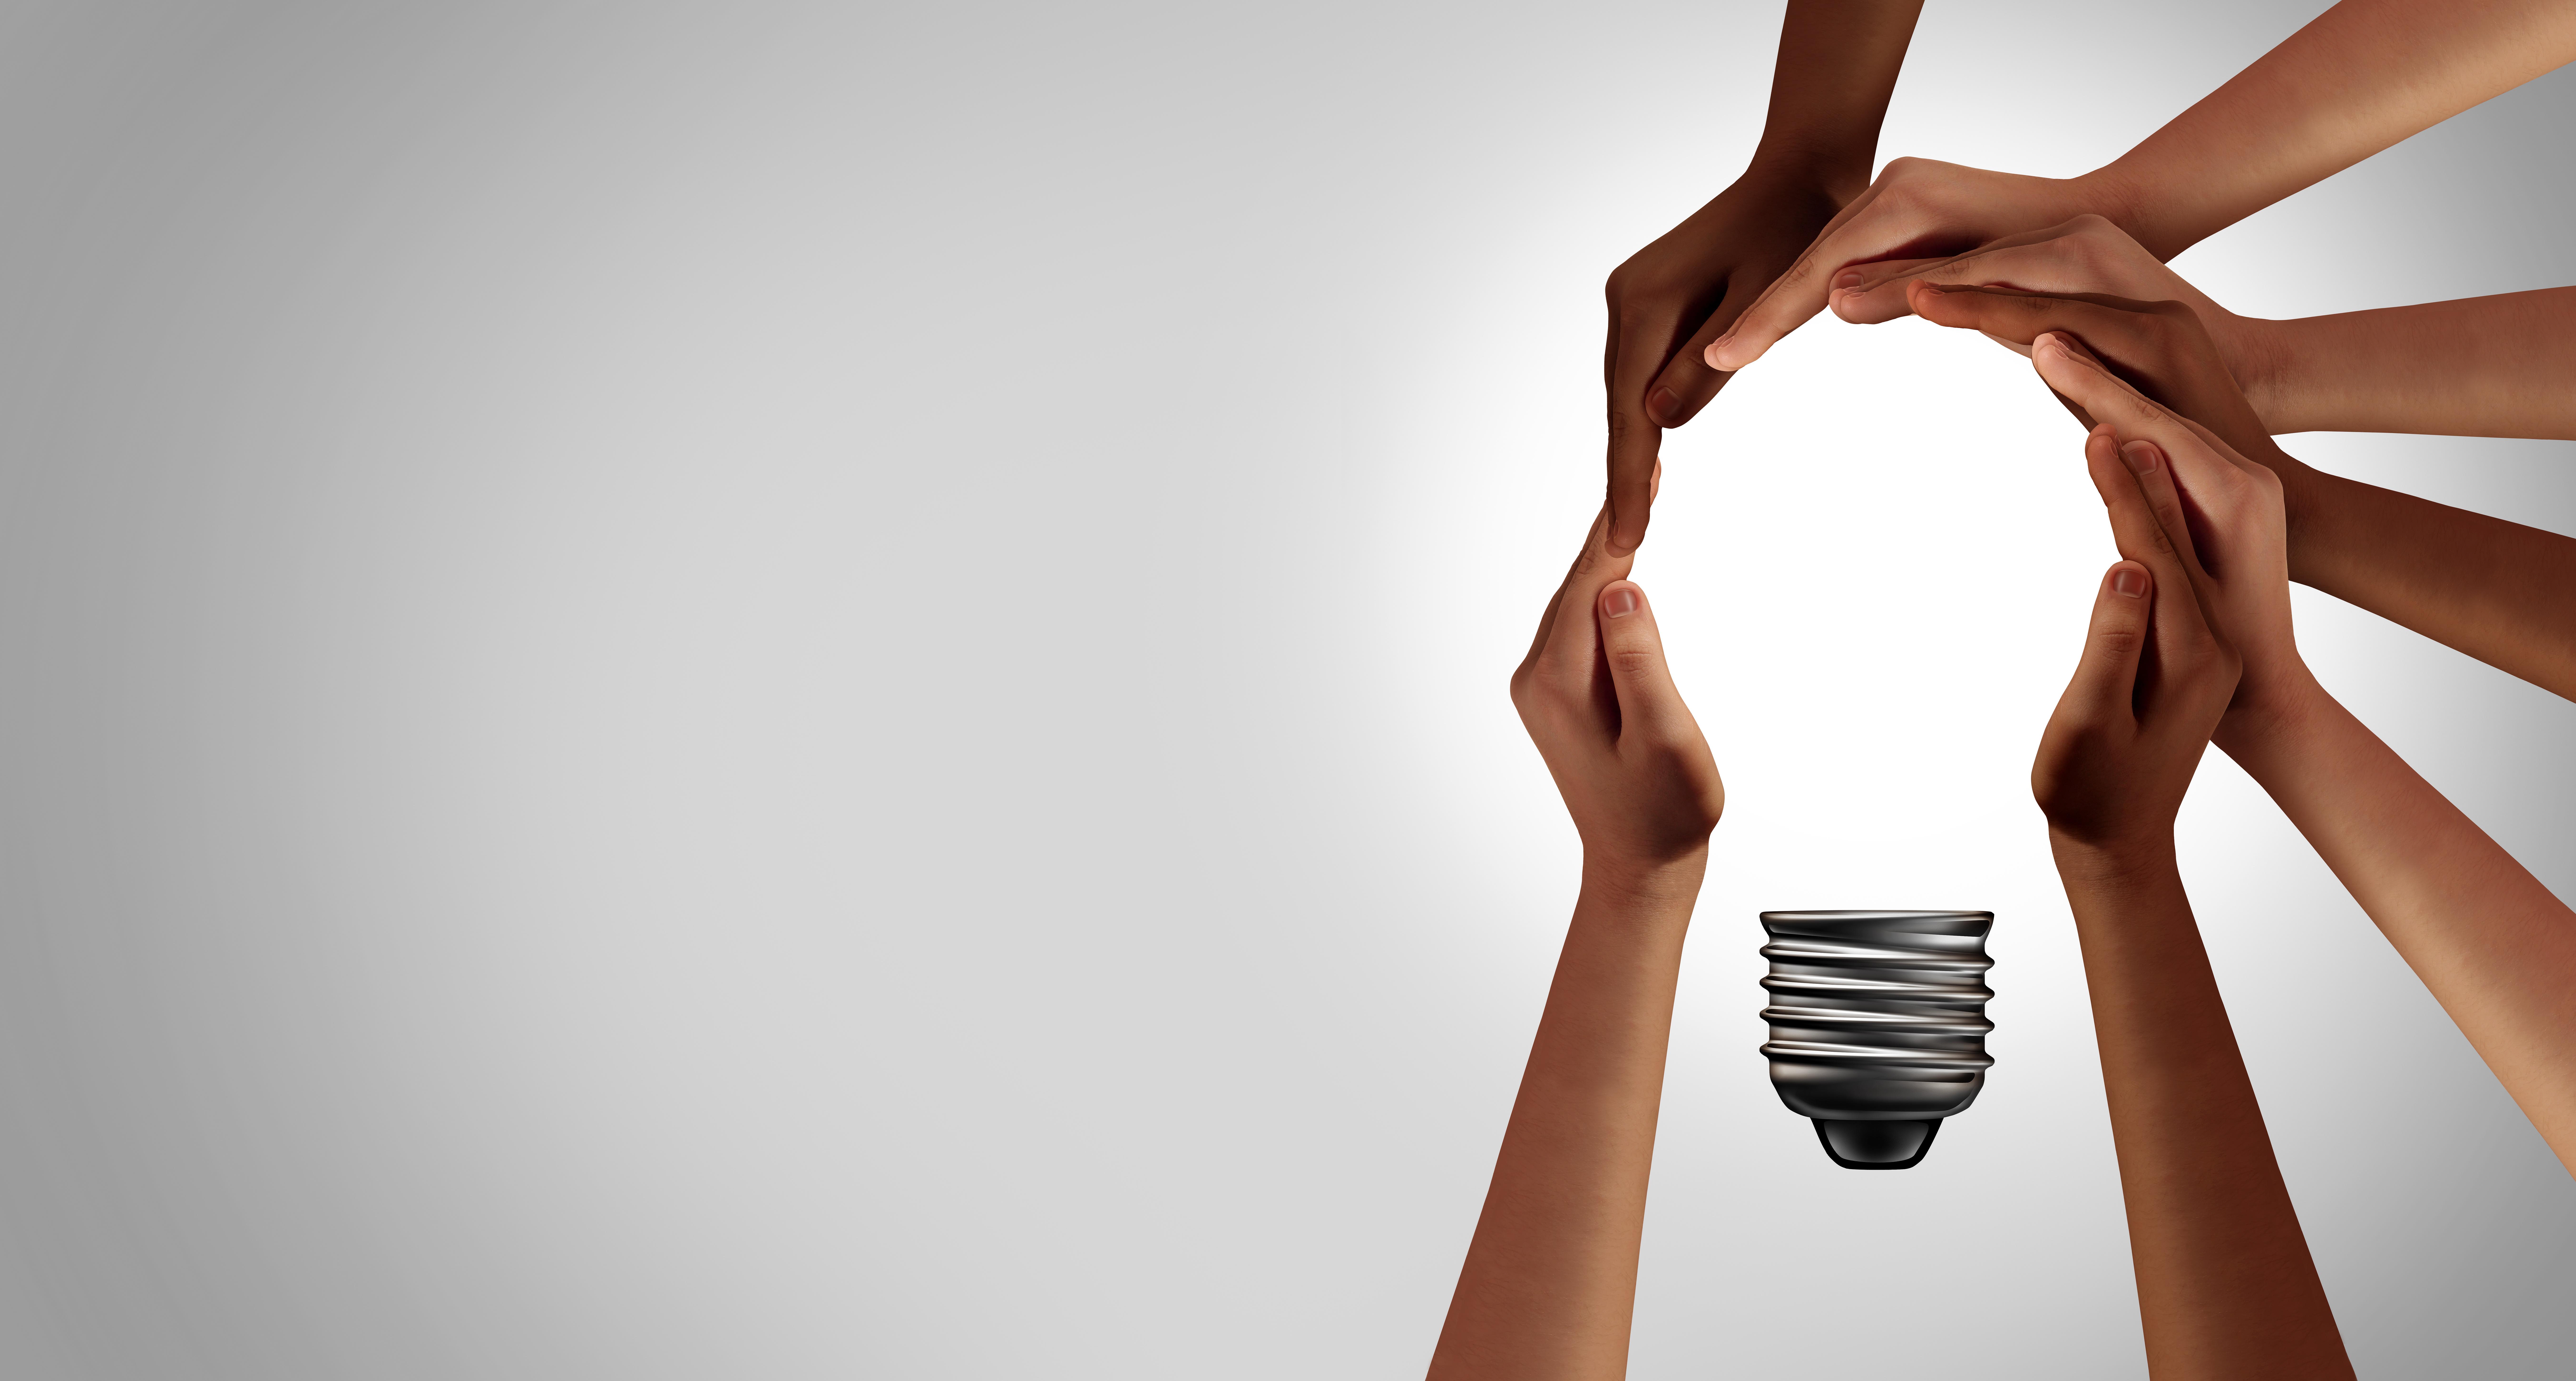 AdobeStock_301321704 (1) light bulb - team hands - approach new website 2021